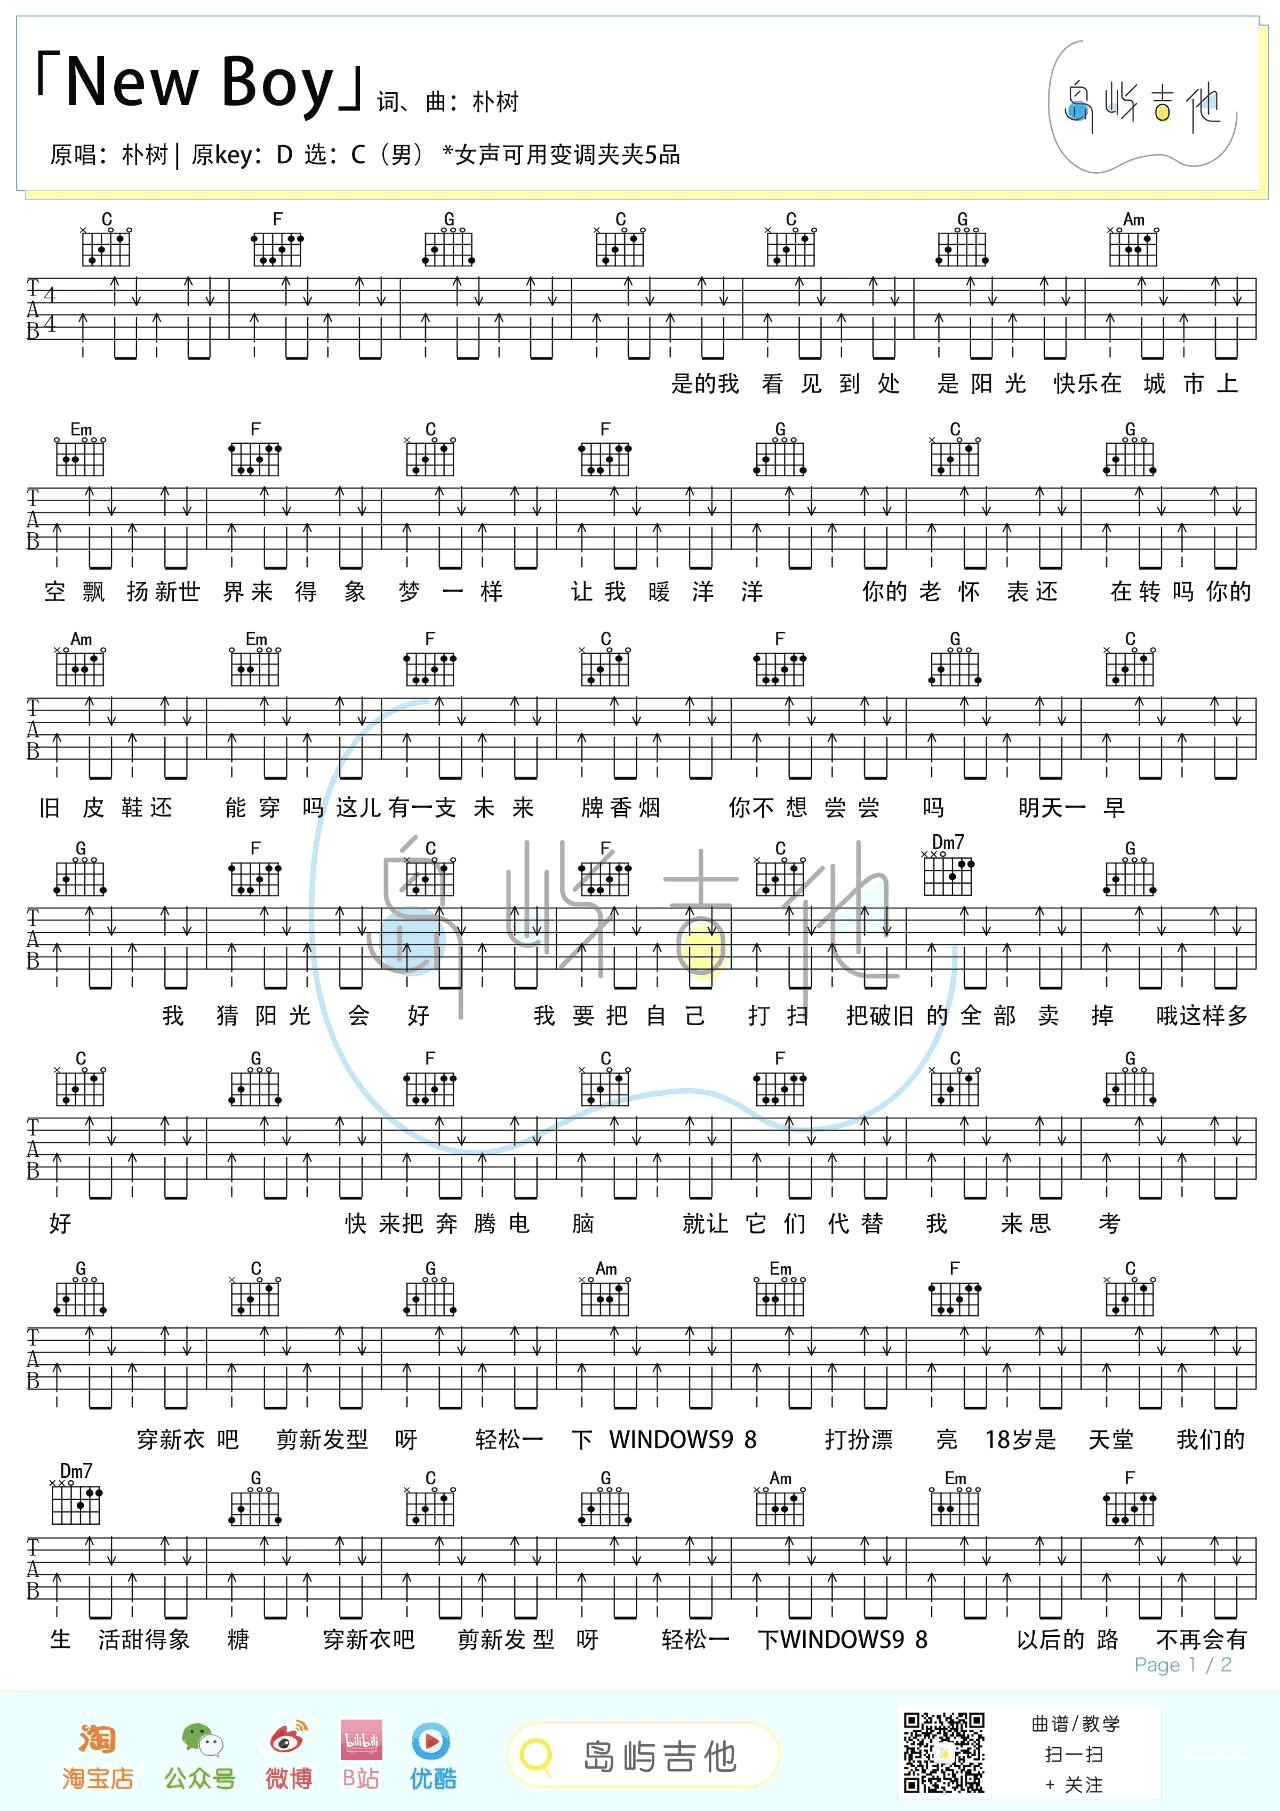 朴树-New Boy吉他谱-弹唱教学视频-1